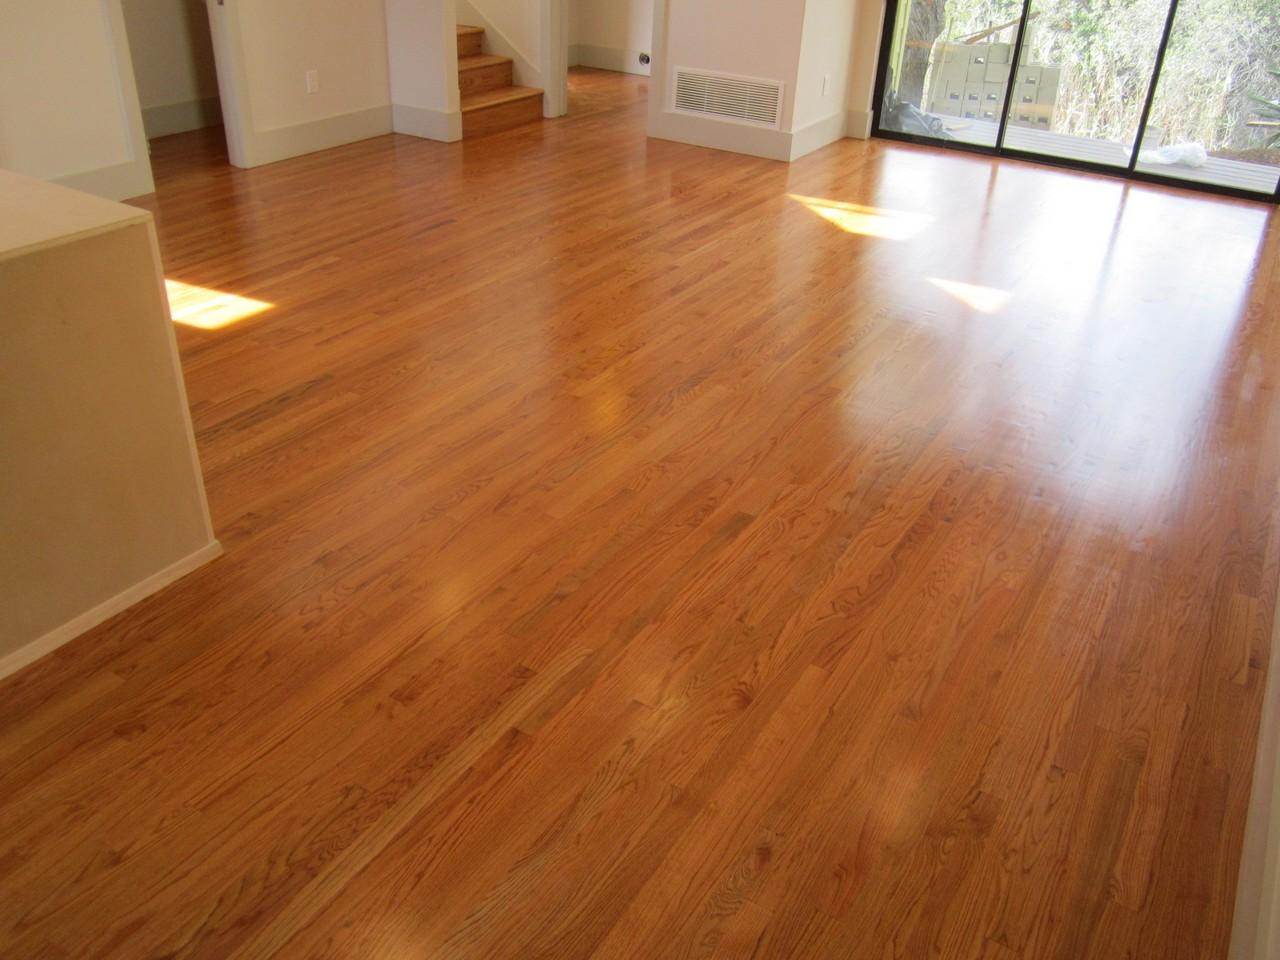 Motif Lantai Kayu Parquet Untuk Lantai Ruang Tamu Terbaru